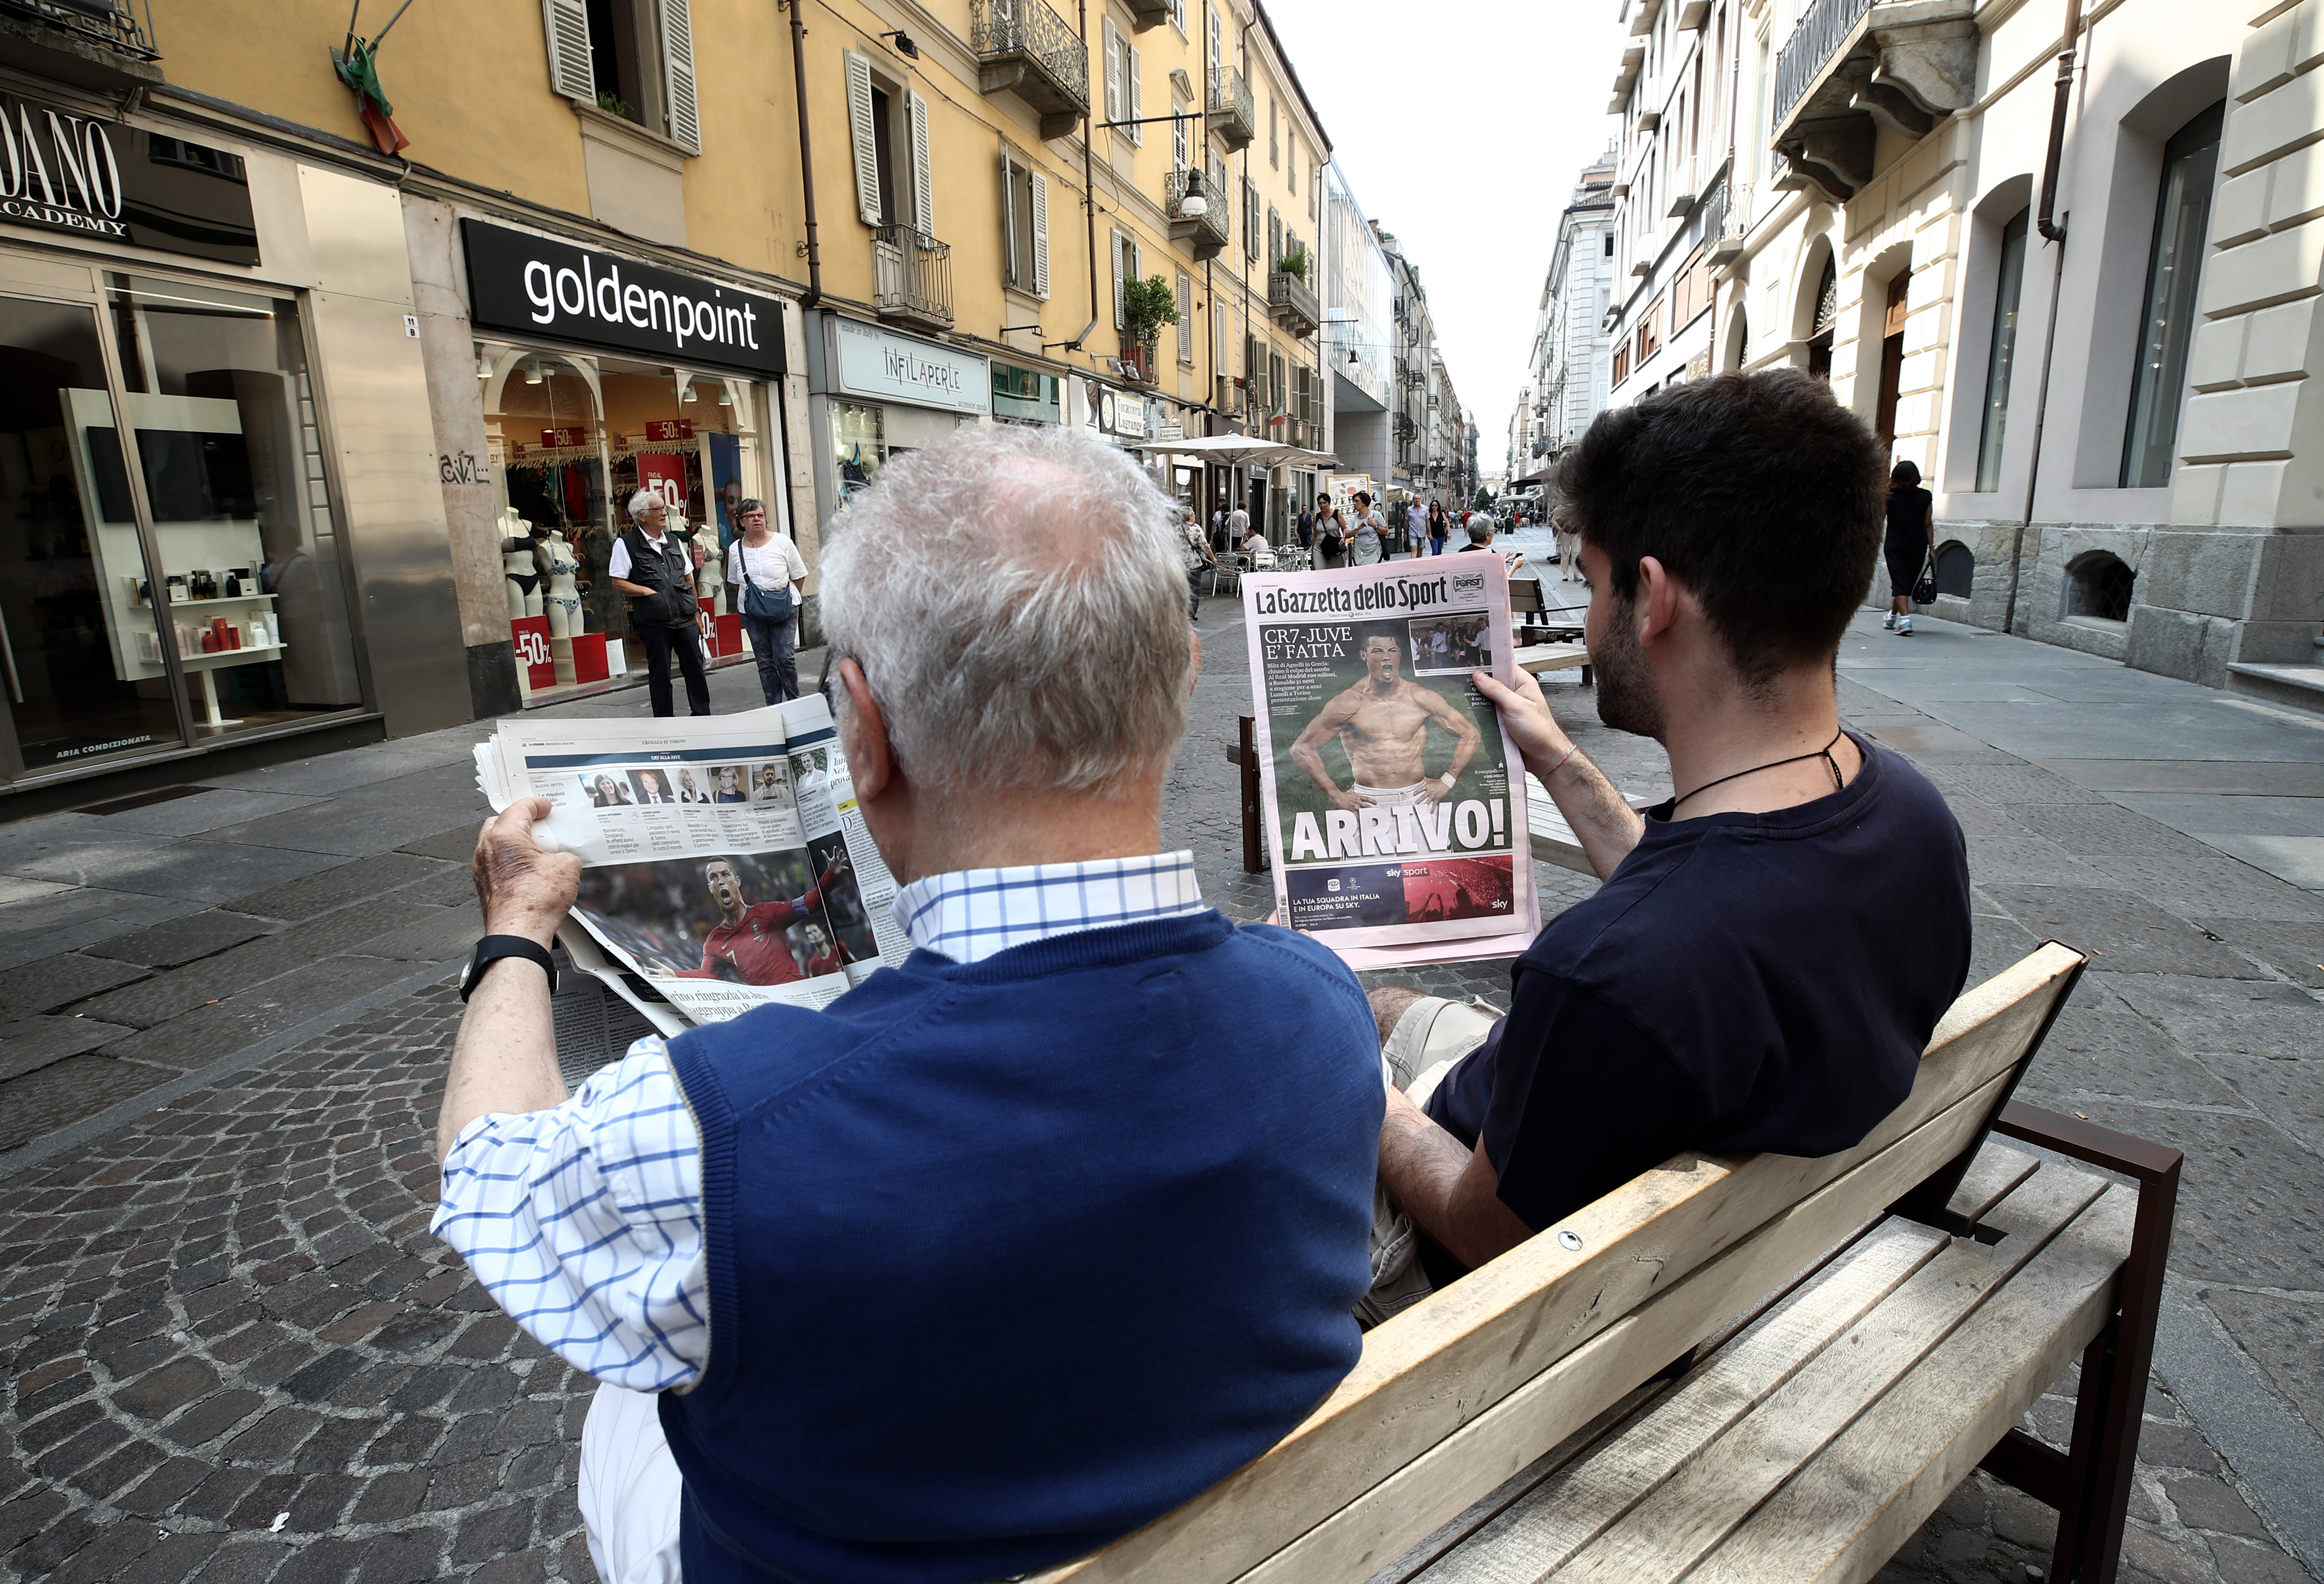 Az olasz miniszterelnök-helyettes arra kérné az állami cégeket, hogy többet ne hirdessenek a mainstream sajtóban